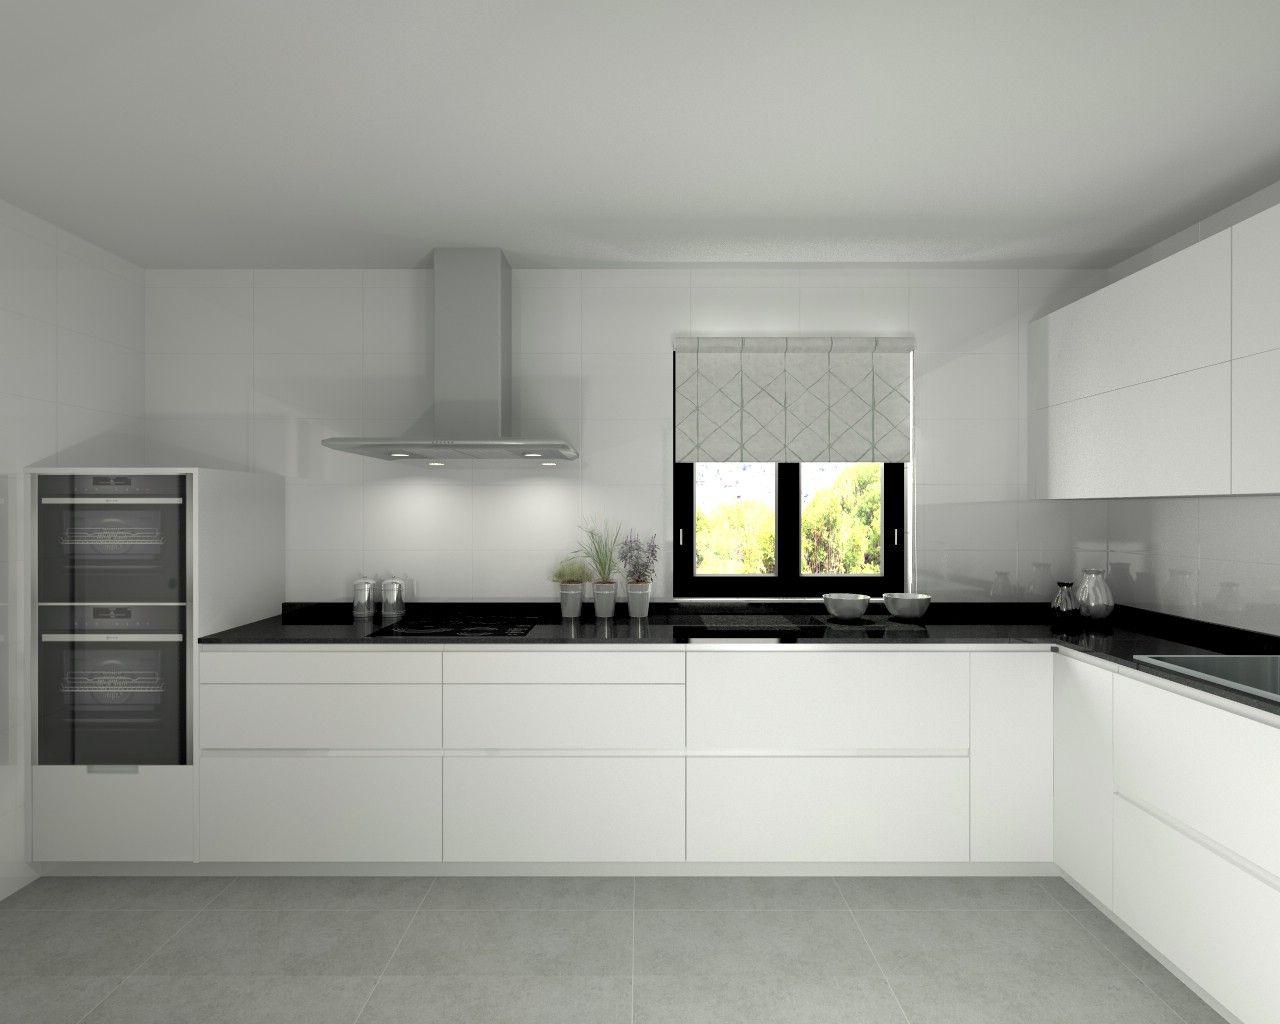 Modelo line l blanco seda encimera granito negro Cocina blanca encimera granito negra